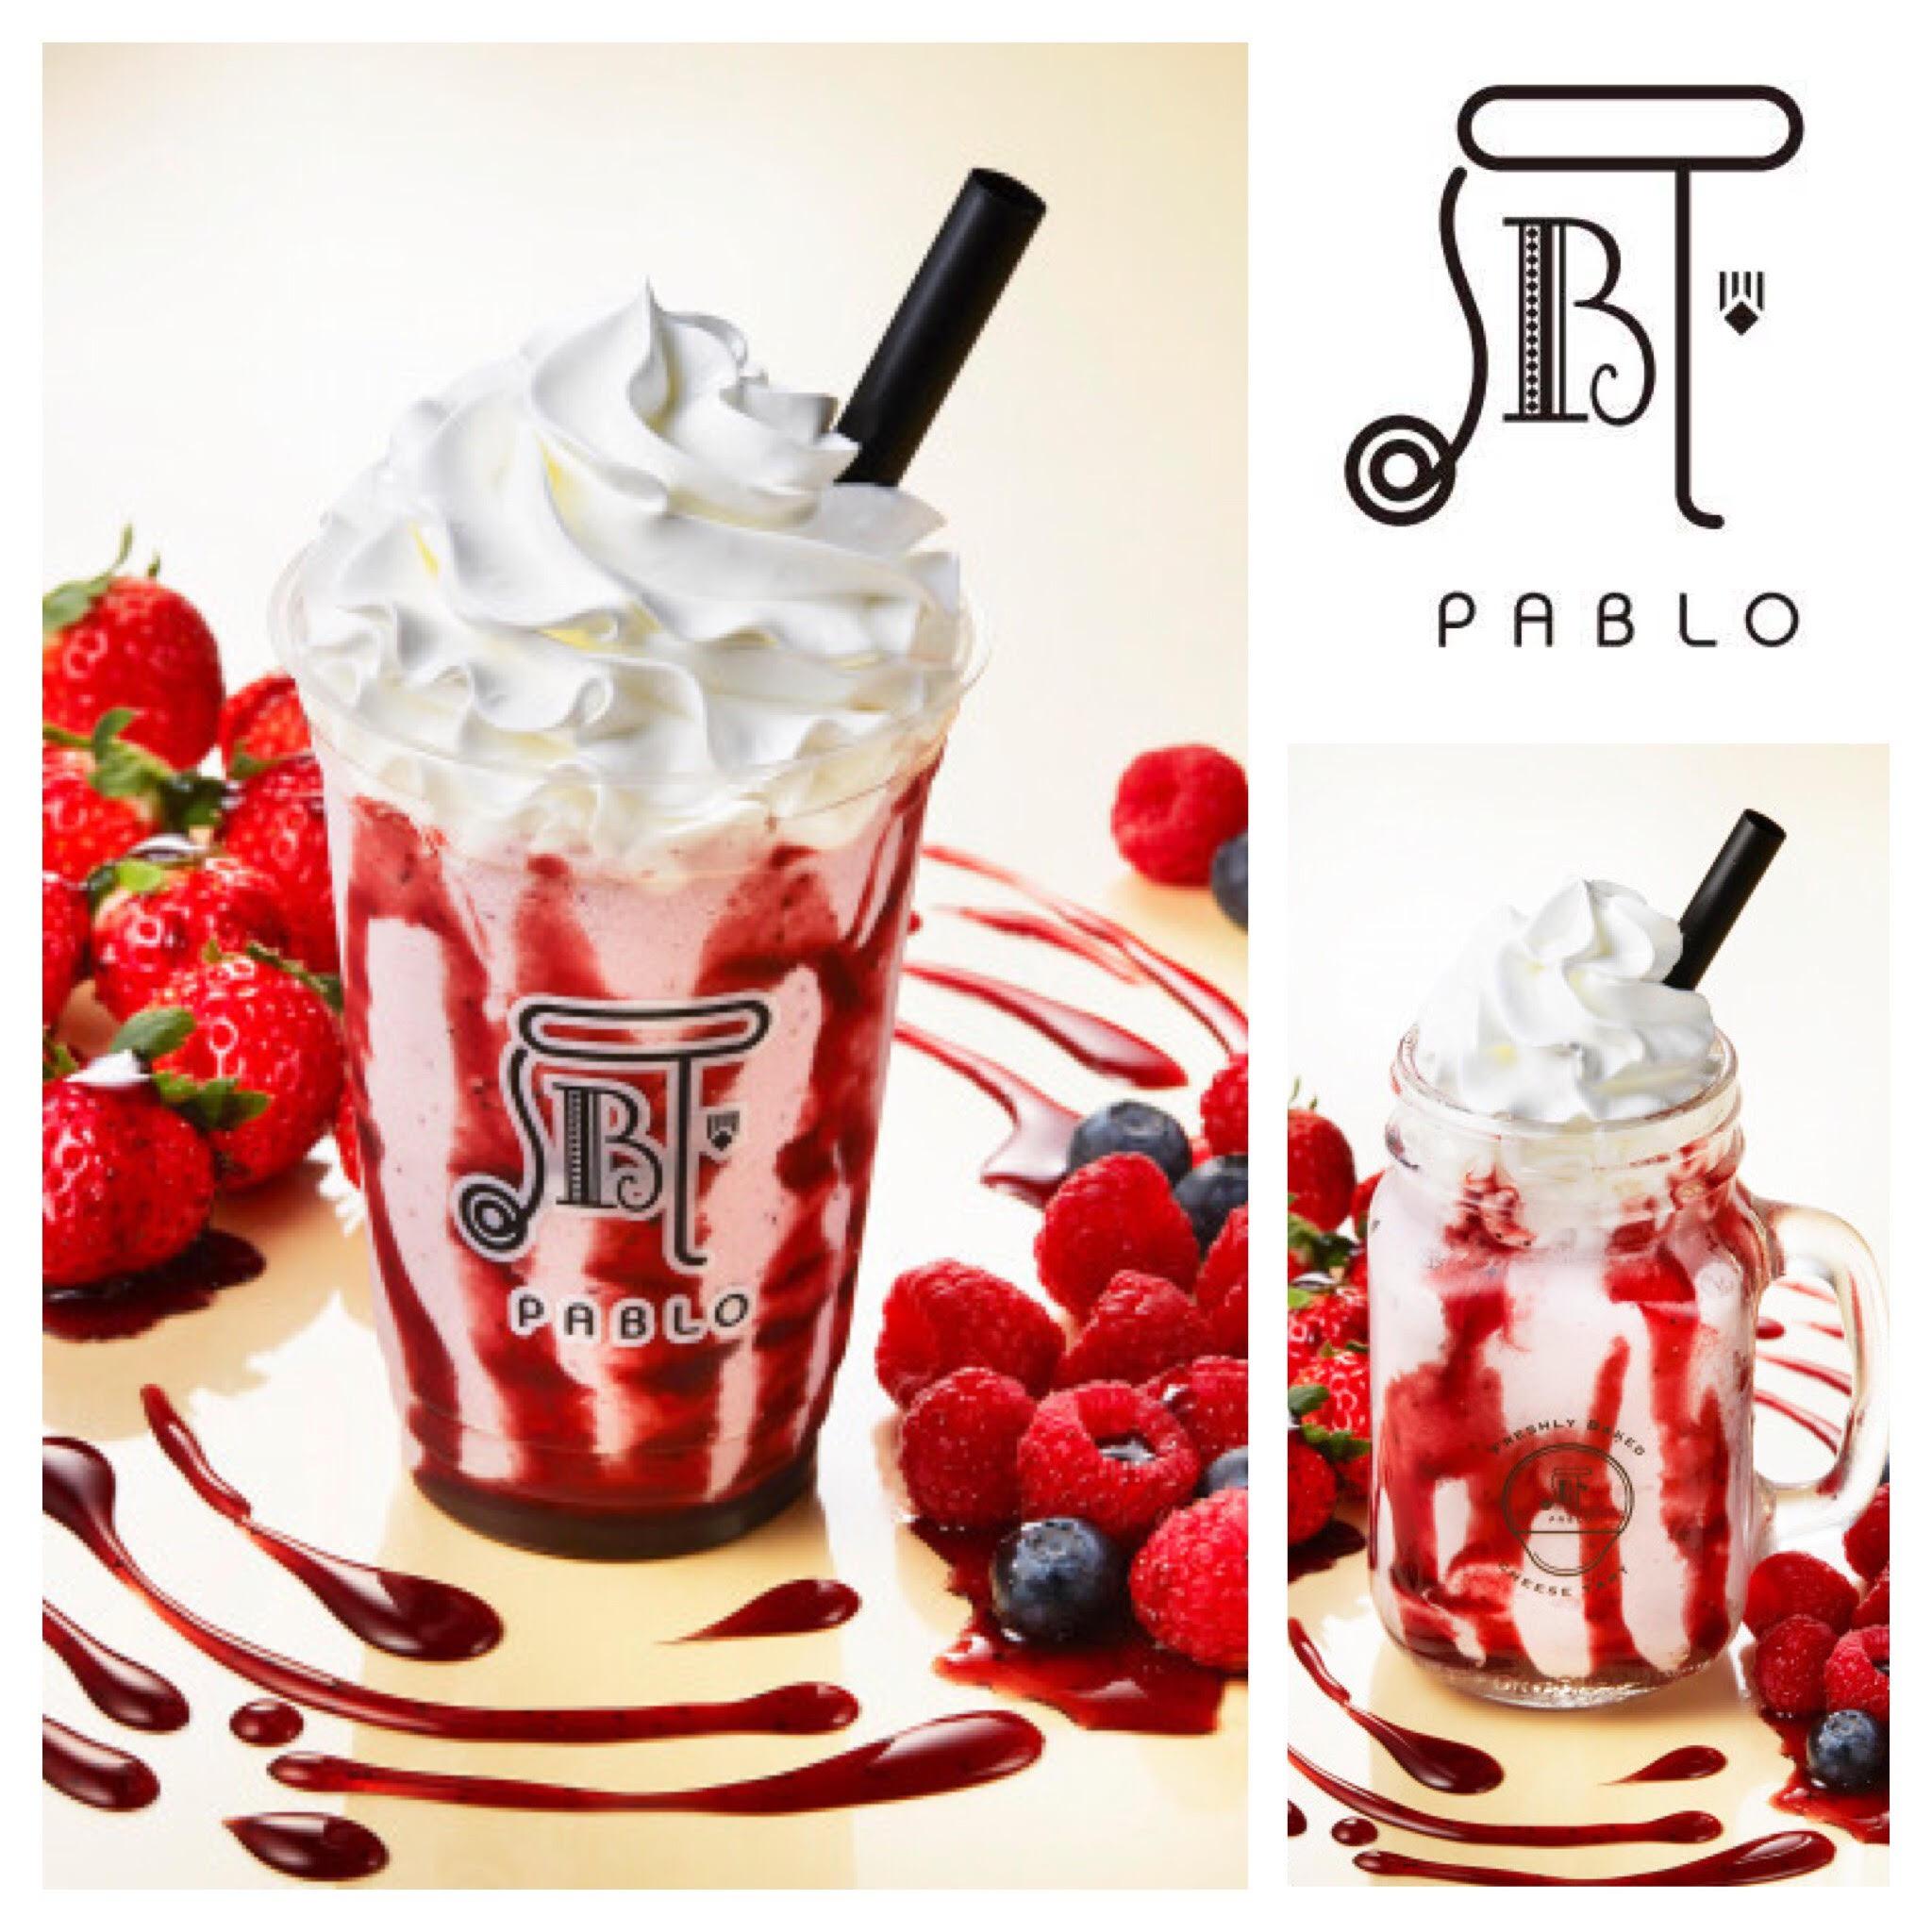 """【PABLO】""""3種のベリー×ふわふわチーズクリーム""""の限定スムージー『ミックスベリー』が登場😘🍓"""